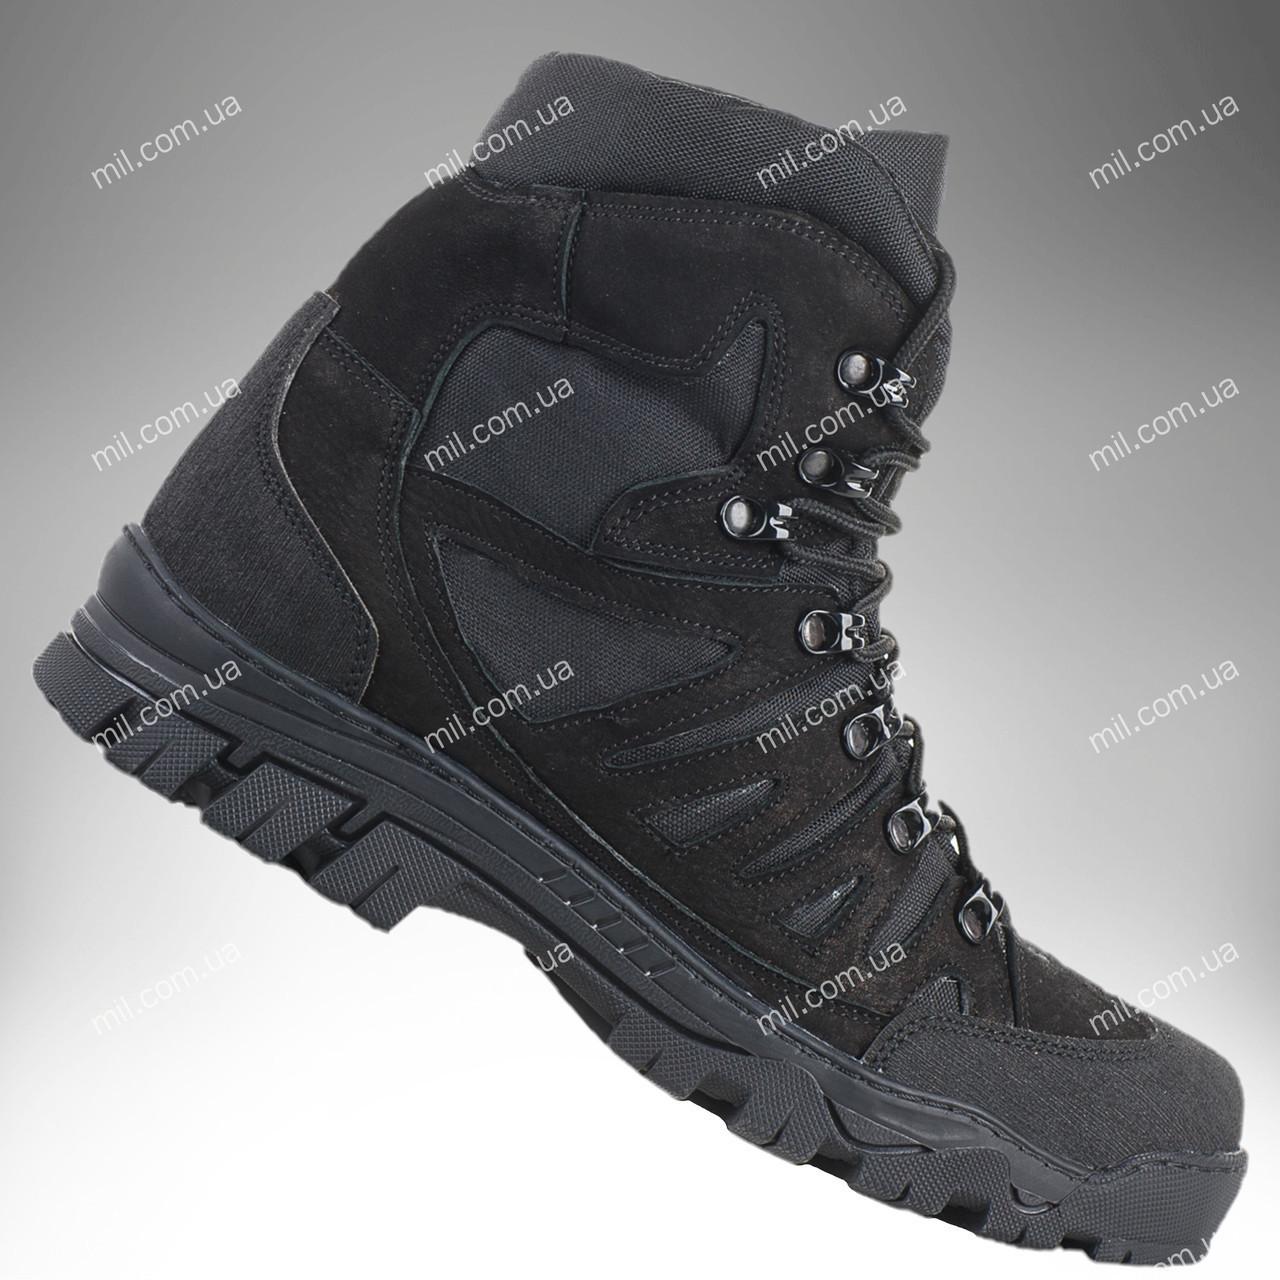 ⭐⭐Ботинки тактические демисезонные / военная, армейские обувь КАСКАД (black)   военная обувь, военные ботинки,